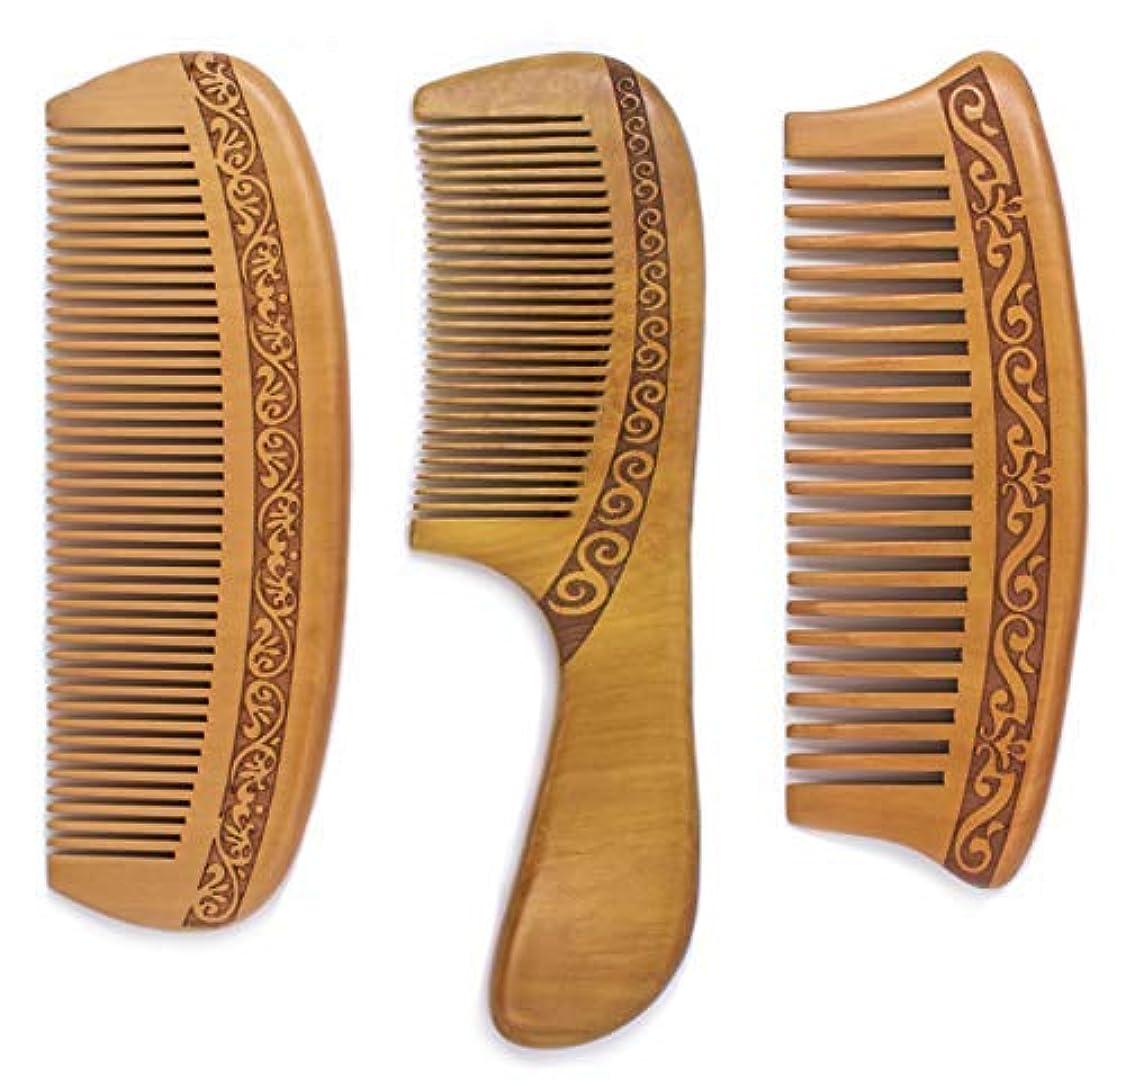 機関追う記憶Detangling Comb, Wooden Detangling Fine and Wide Tooth Shower Comb SET, Anti-Static, Great for All Type Hair, Beard, Mustache. Made from Natural Peach Wood, 3 Pieces [並行輸入品]